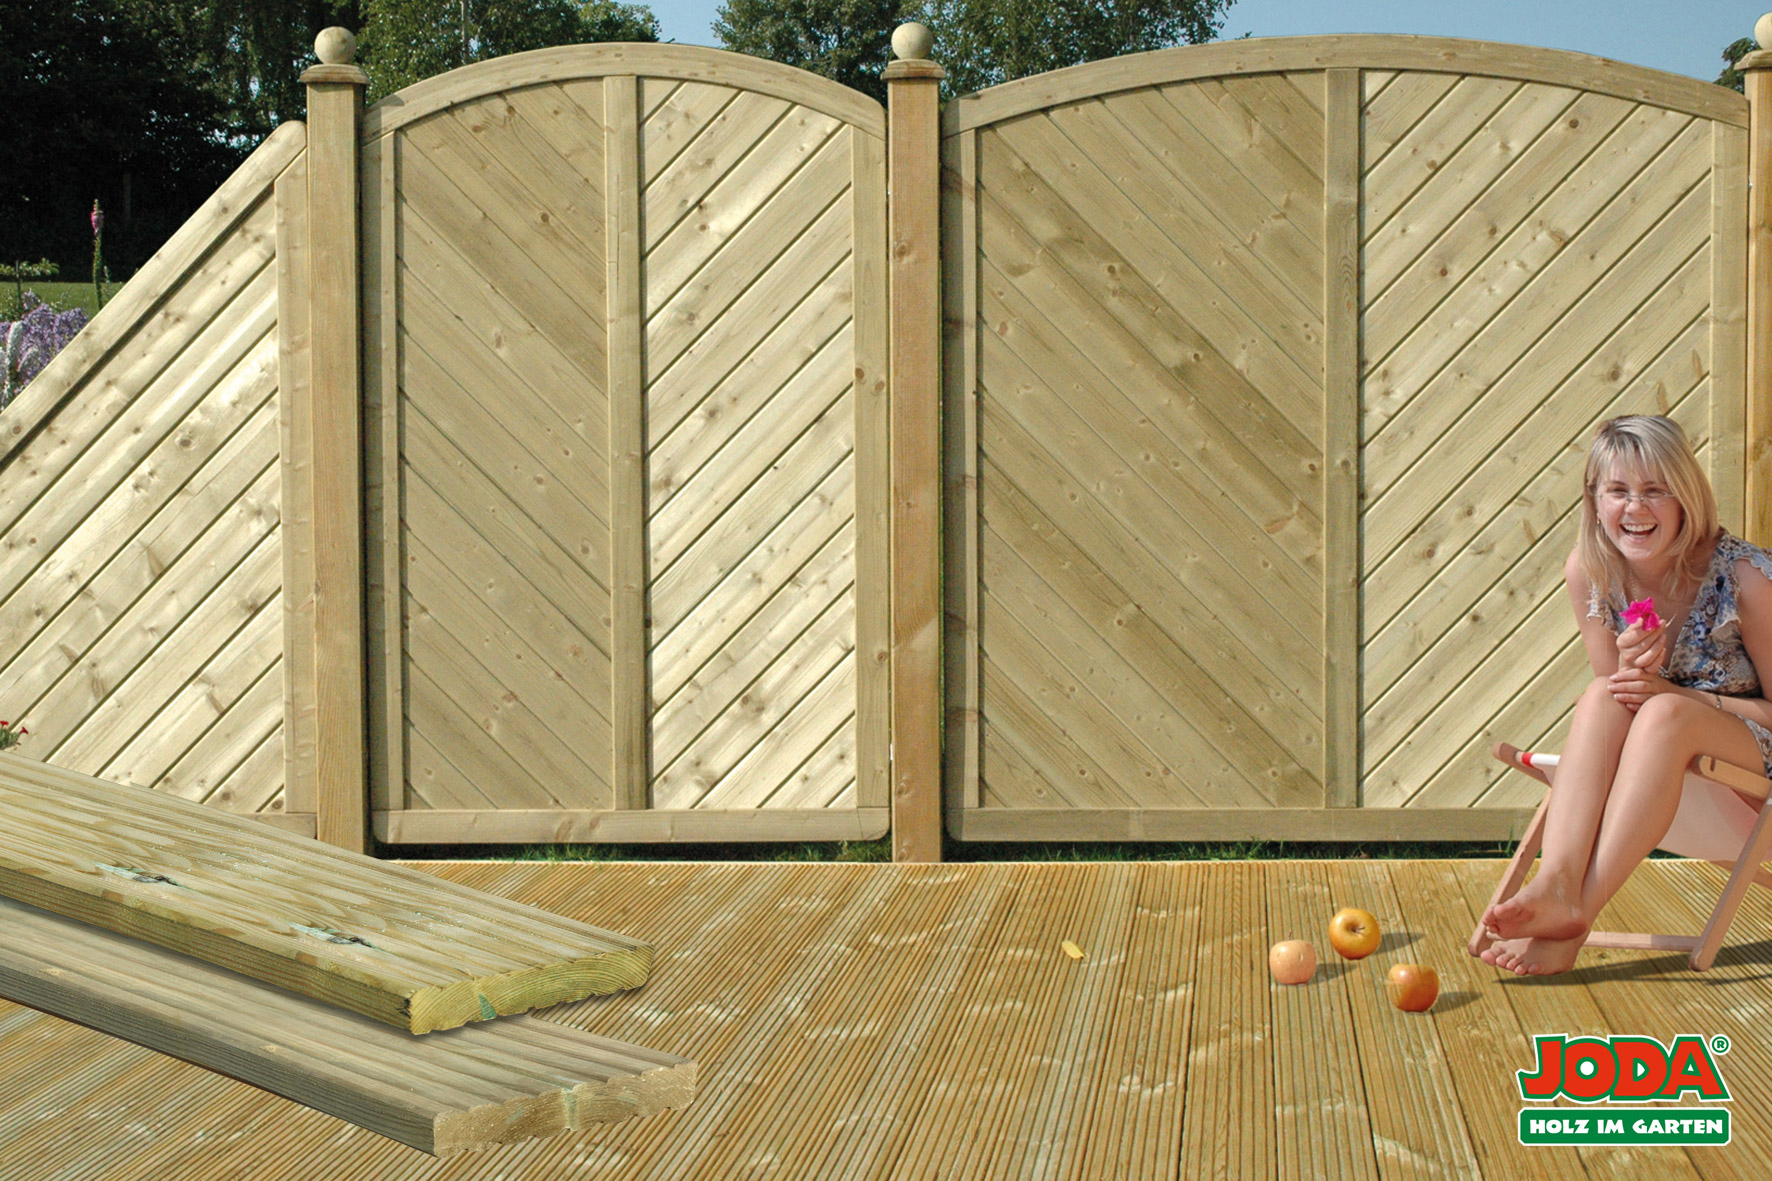 Komplett-Terrasse 4 x 3 m 27 x 145 mm (genutetes Profil Kiefer KDI)